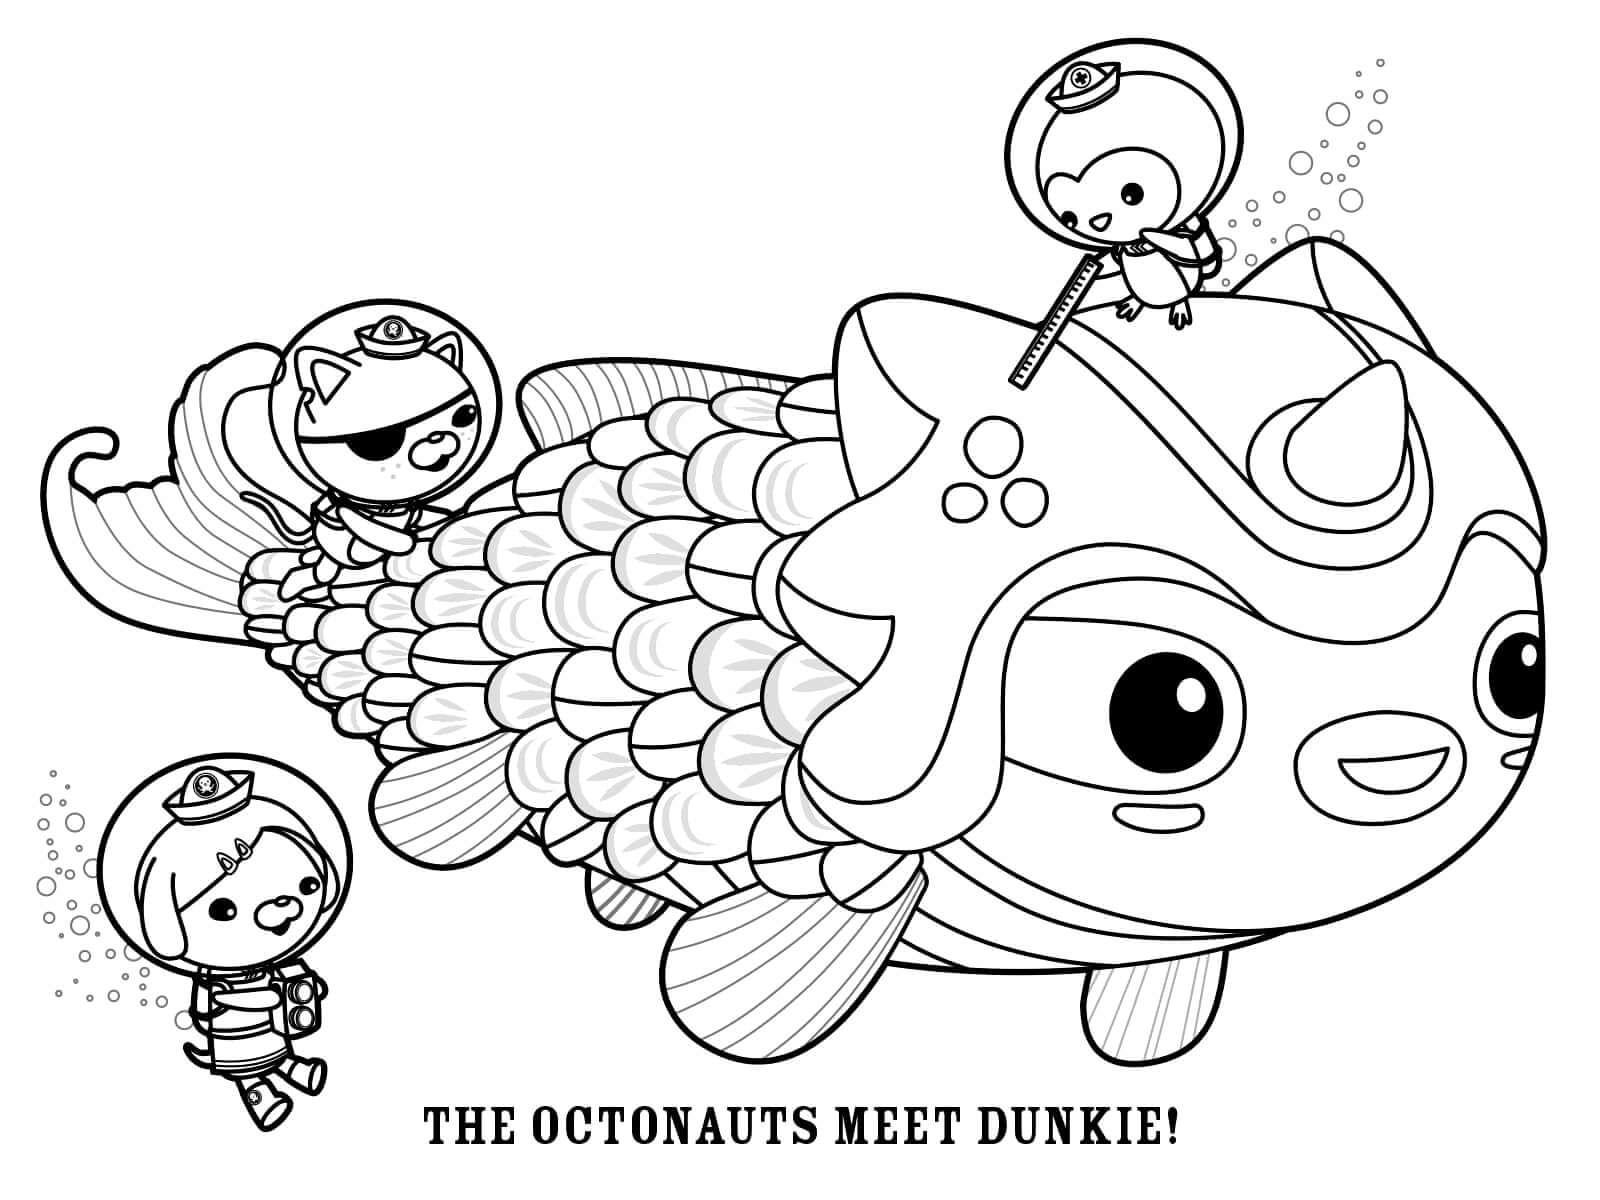 The Octonauts Meet Dunkie